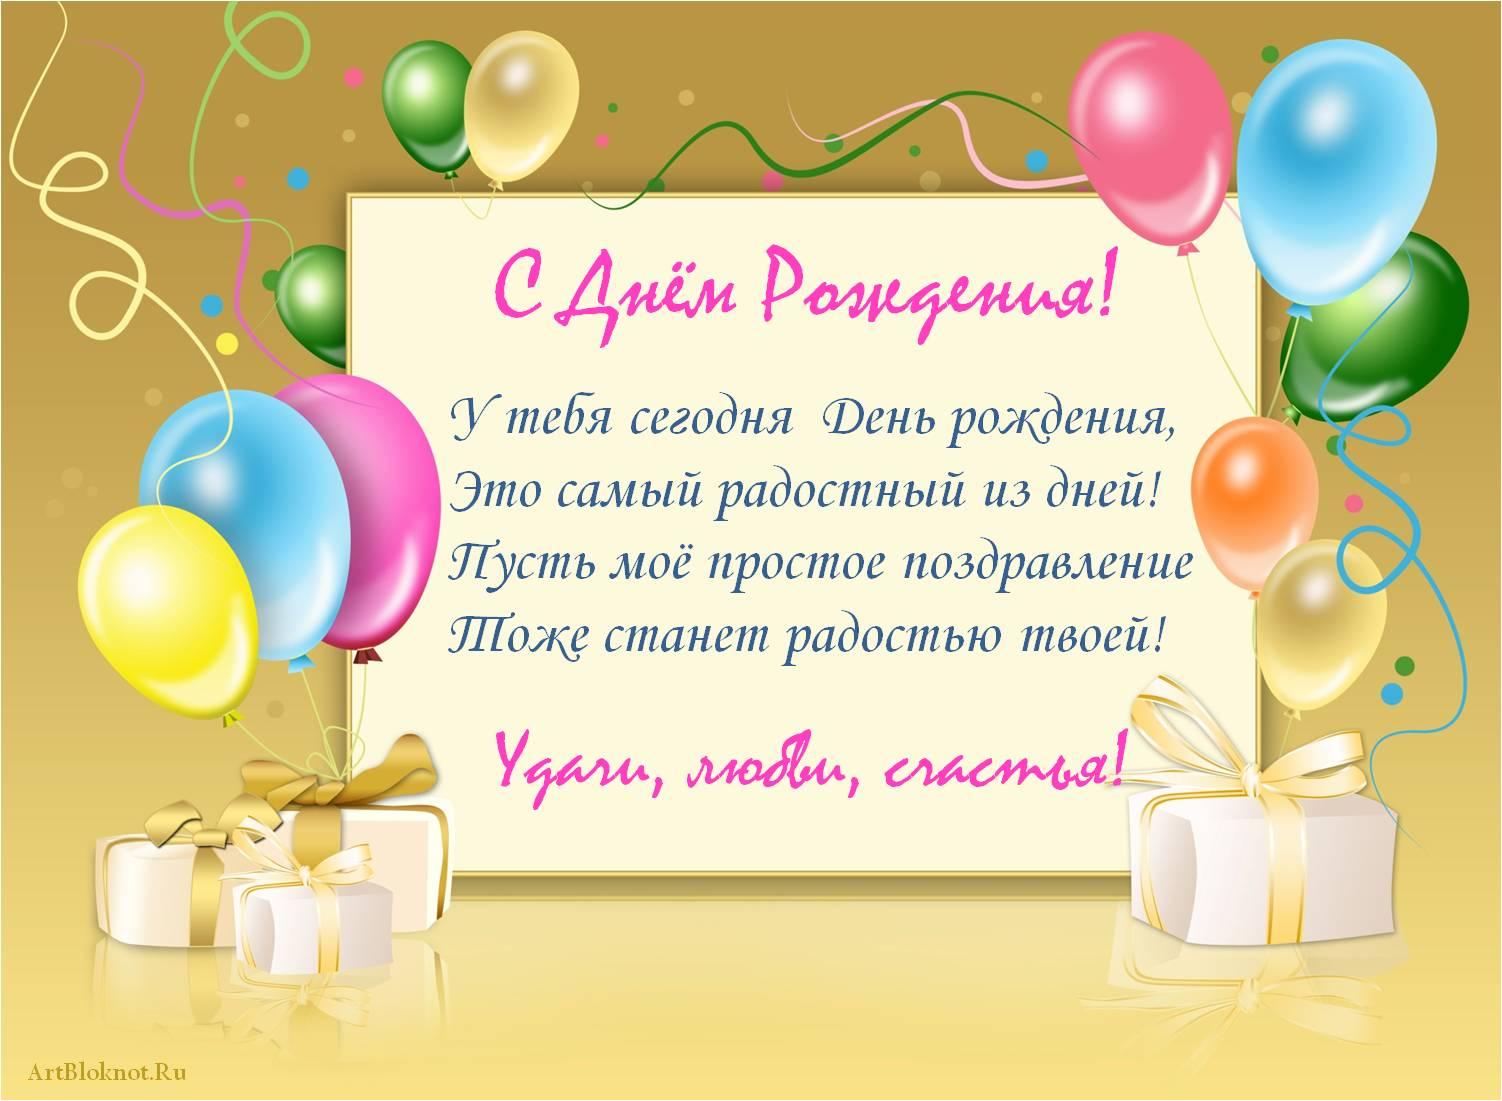 Поздравление с днём рождения написать